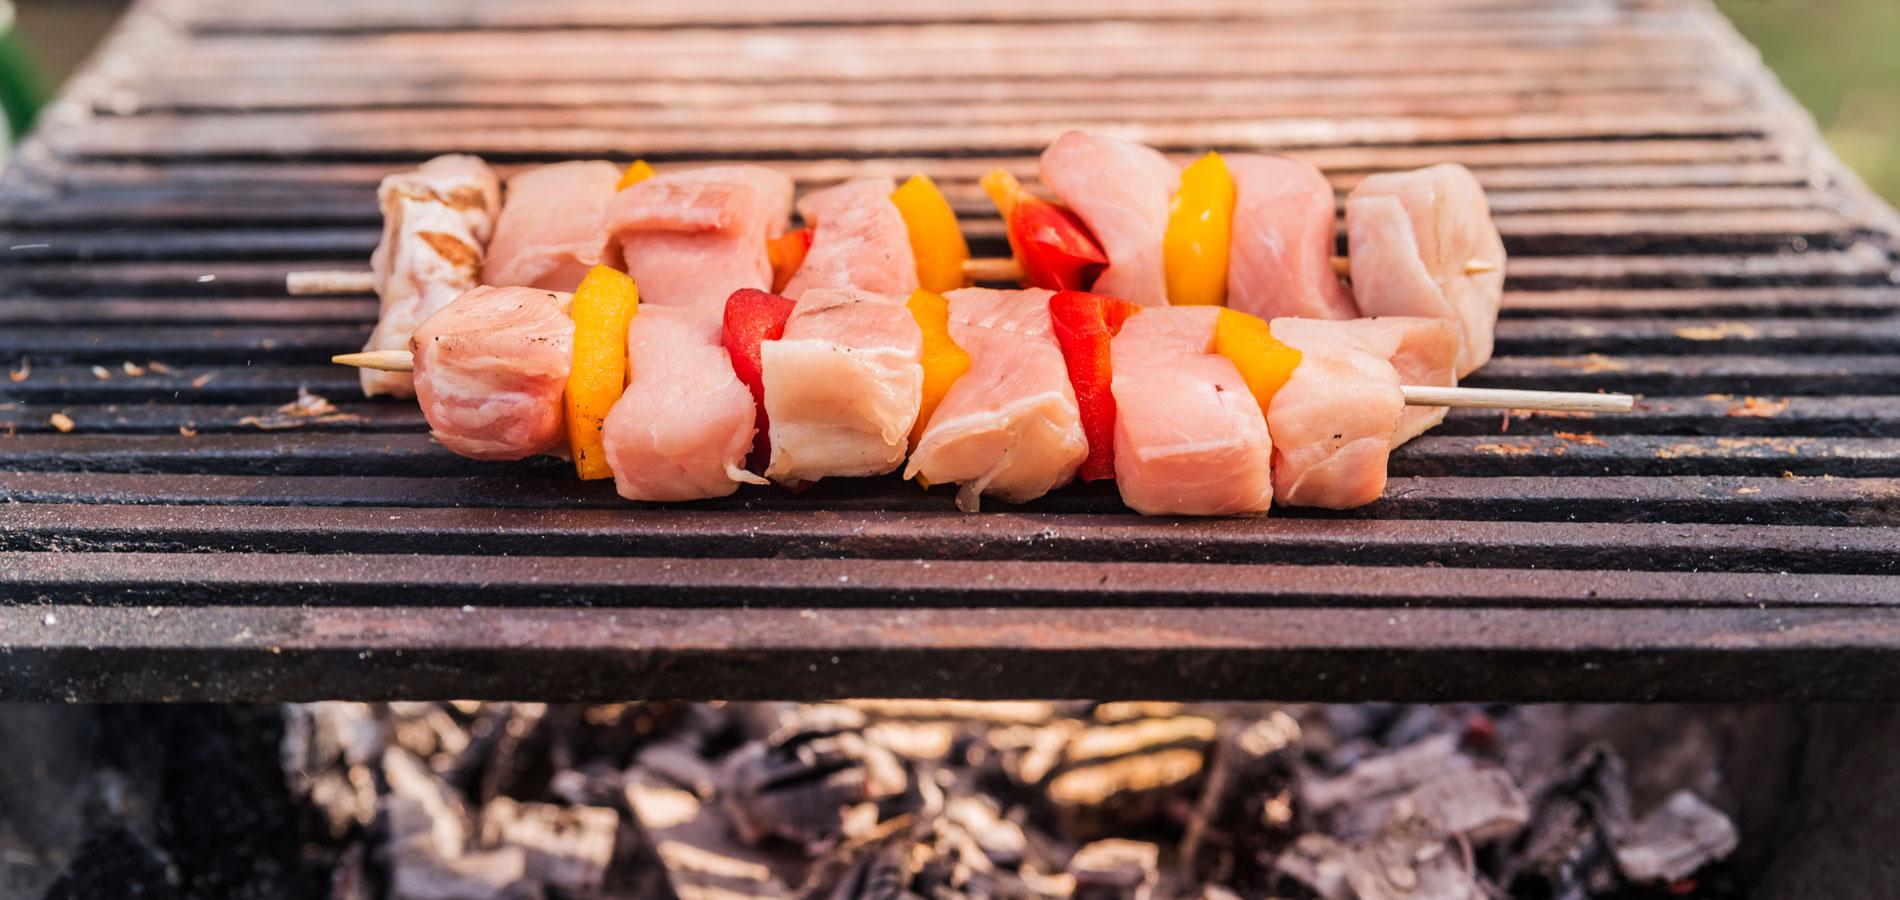 Préparer Un Barbecue Pour 20 Personnes trois méthodes pour réussir l'allumage de son barbecue du